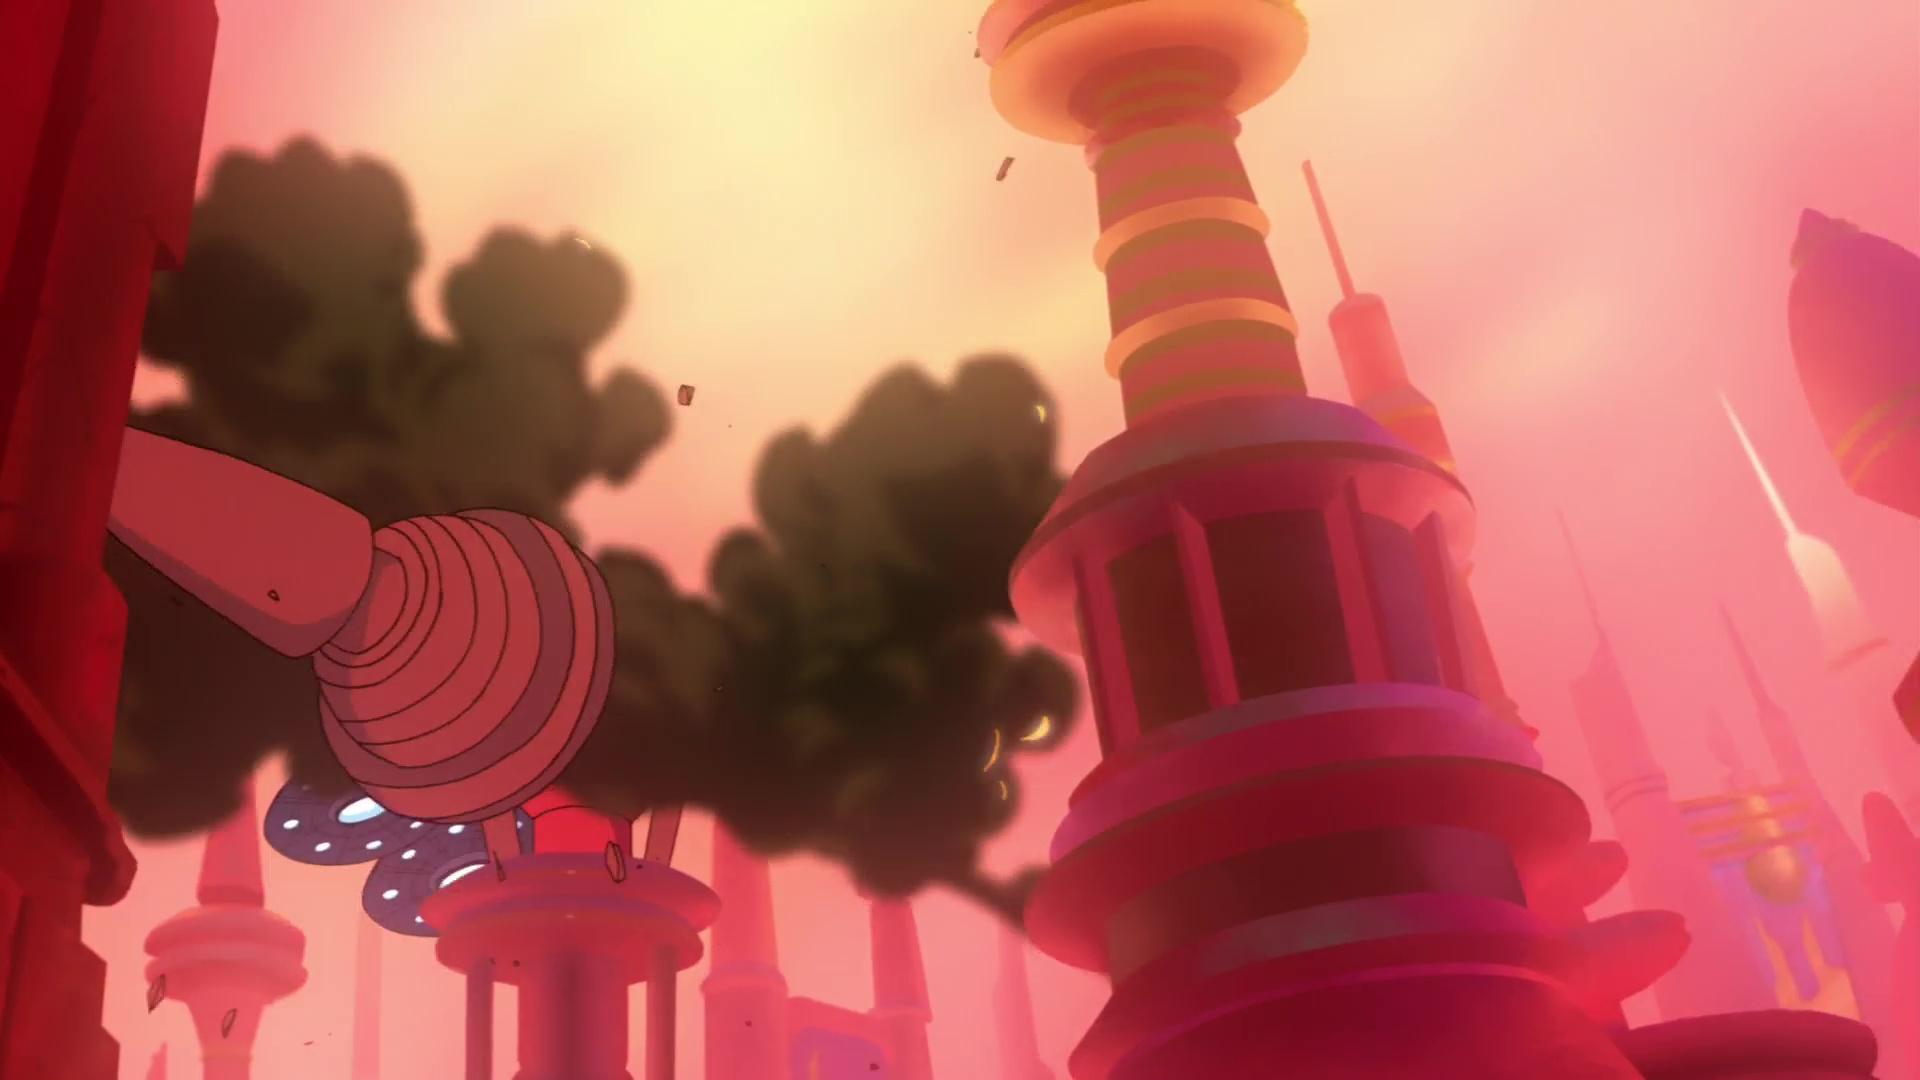 Liga De La Justicia Crisis En Dos Tierras 1080p Lat-Cast-Ing[Animacion](2010)